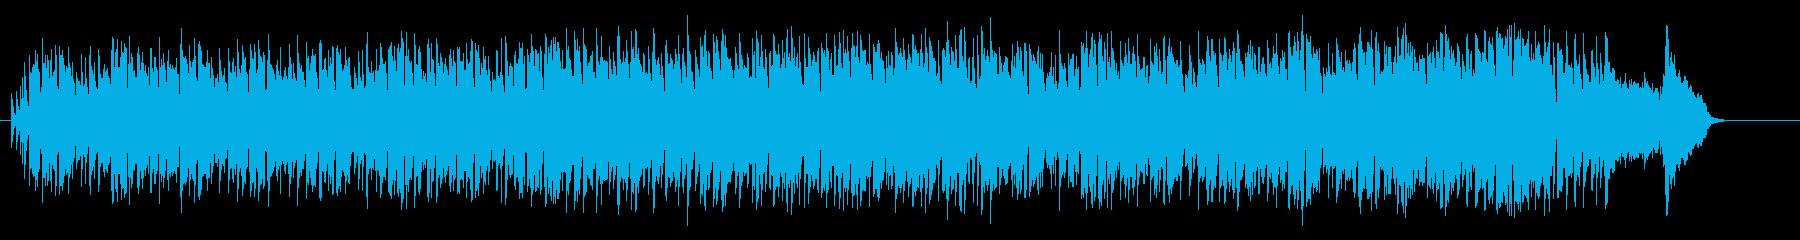 城下町の懐かしいミディアム・ポップスの再生済みの波形